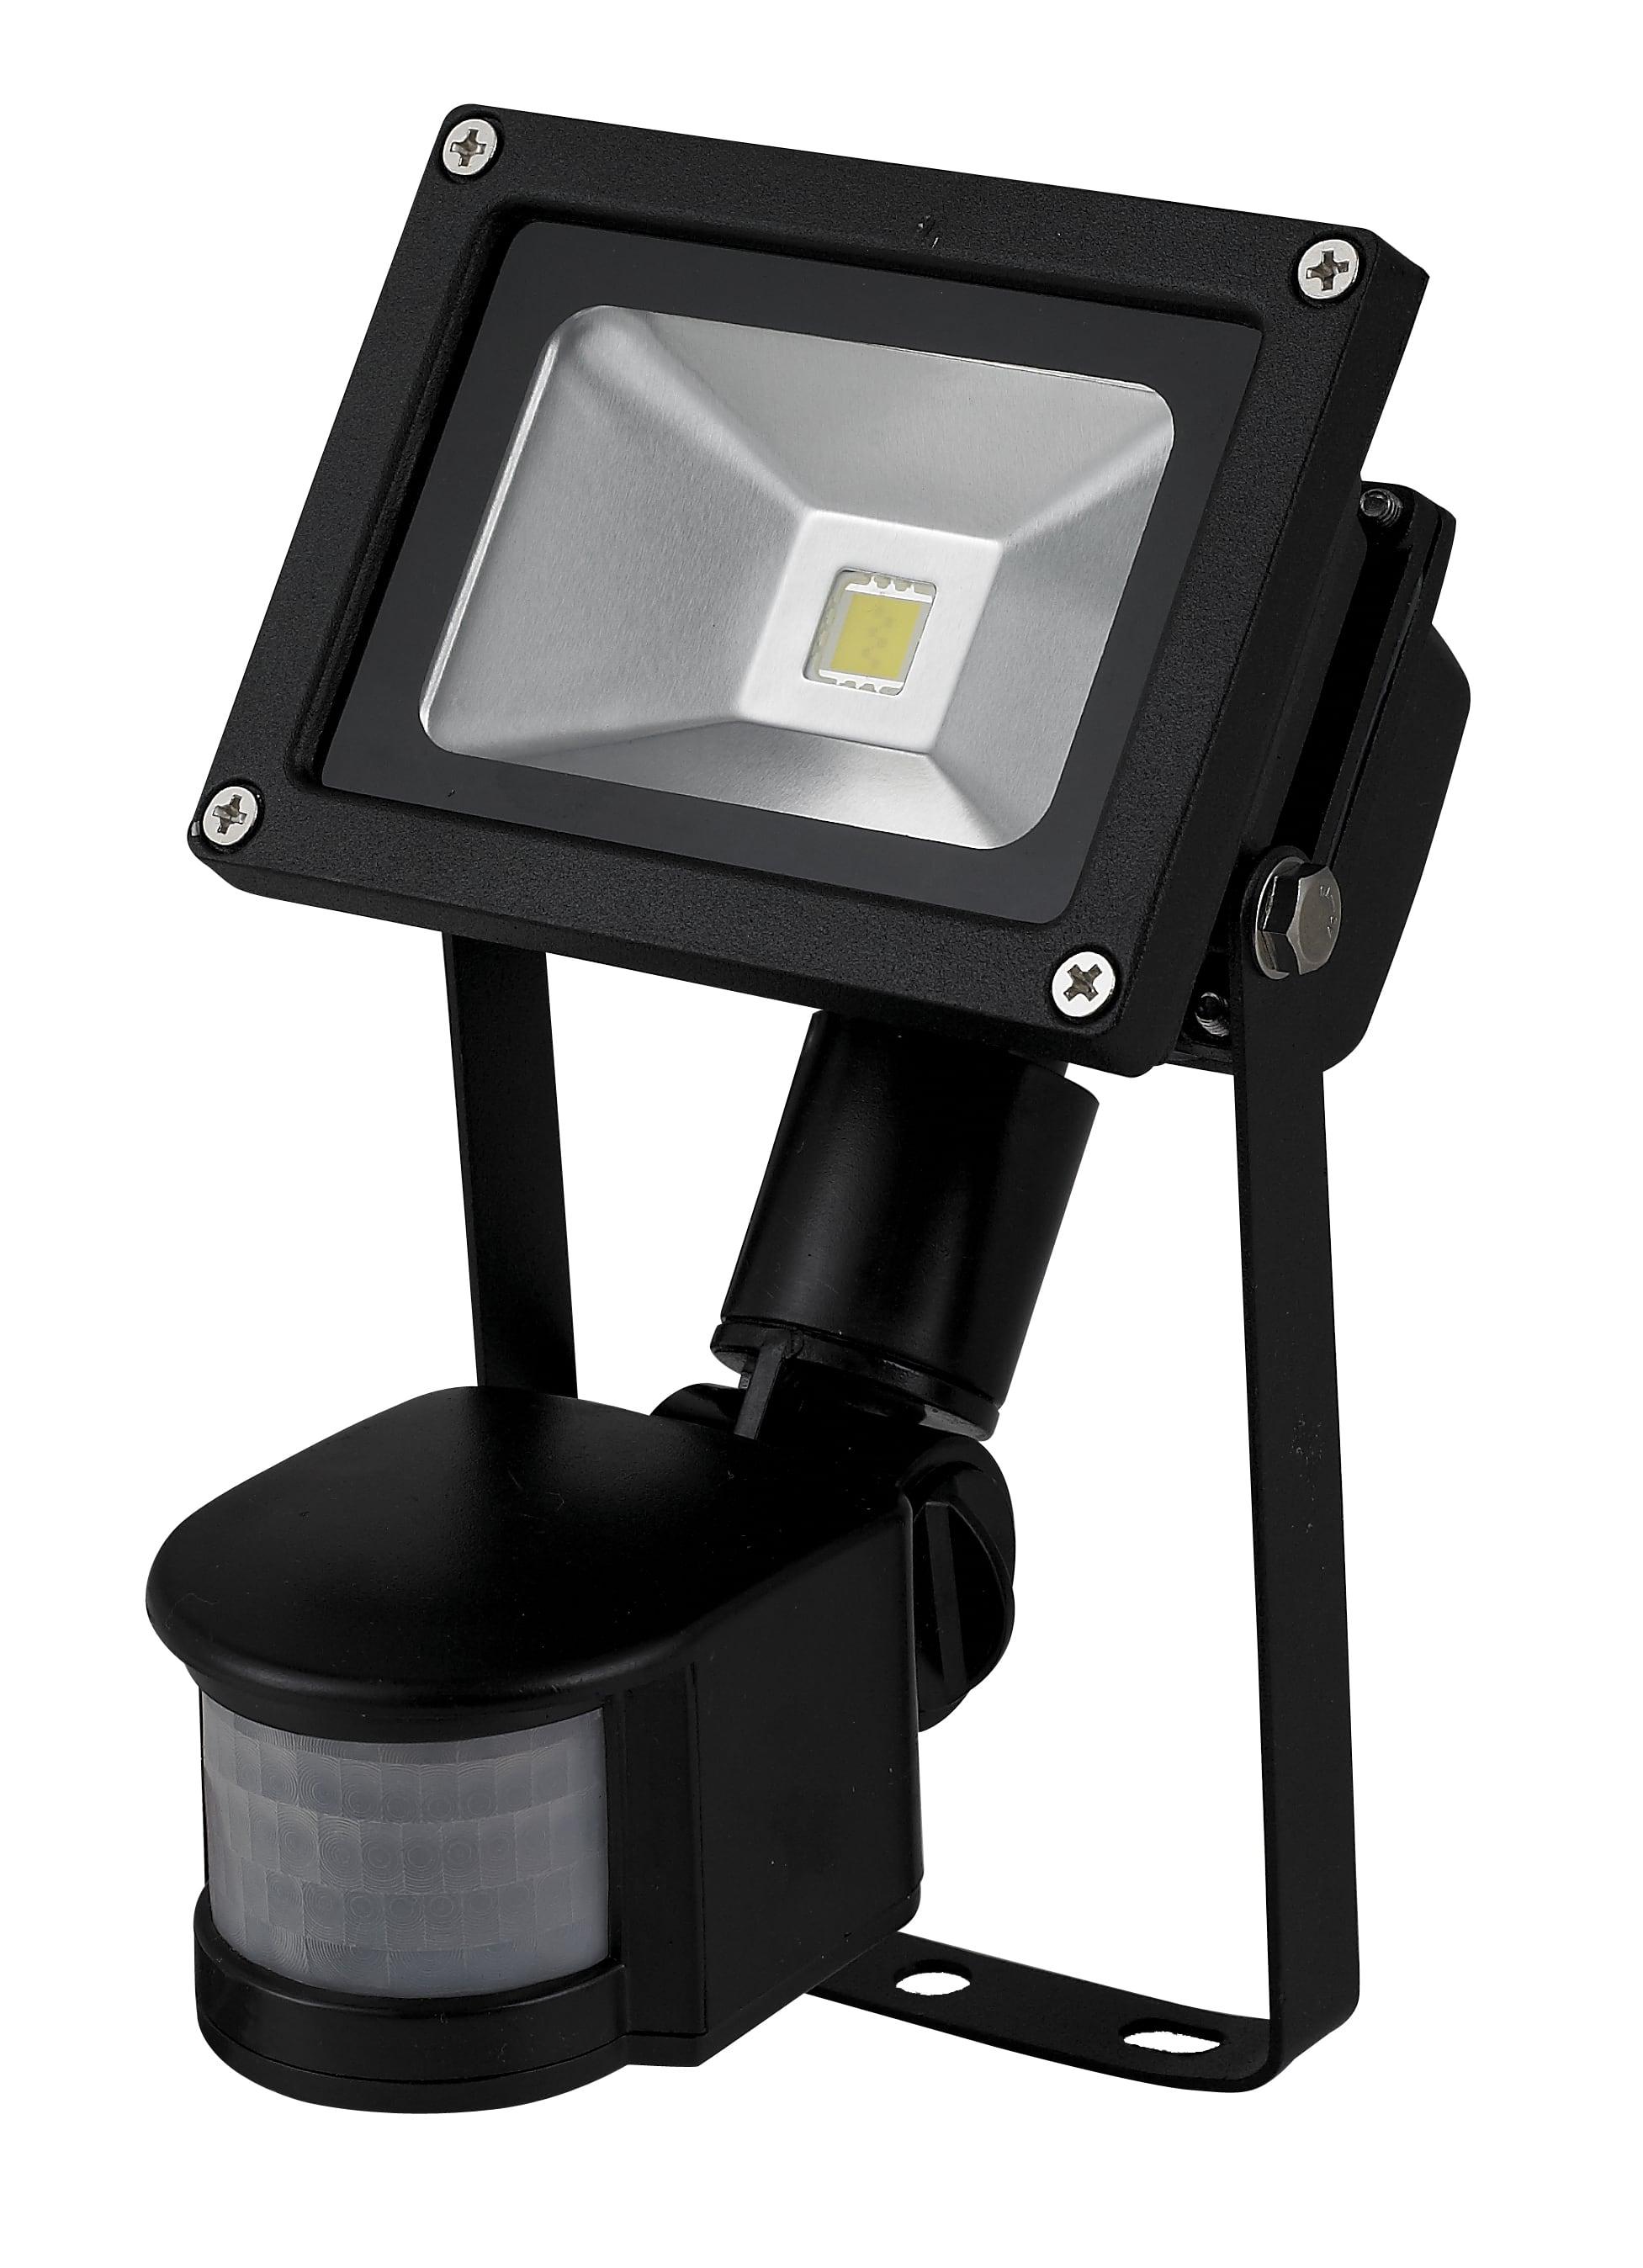 Lampa de inundare LED 10W / 230V 6400K cu senzor de mișcare